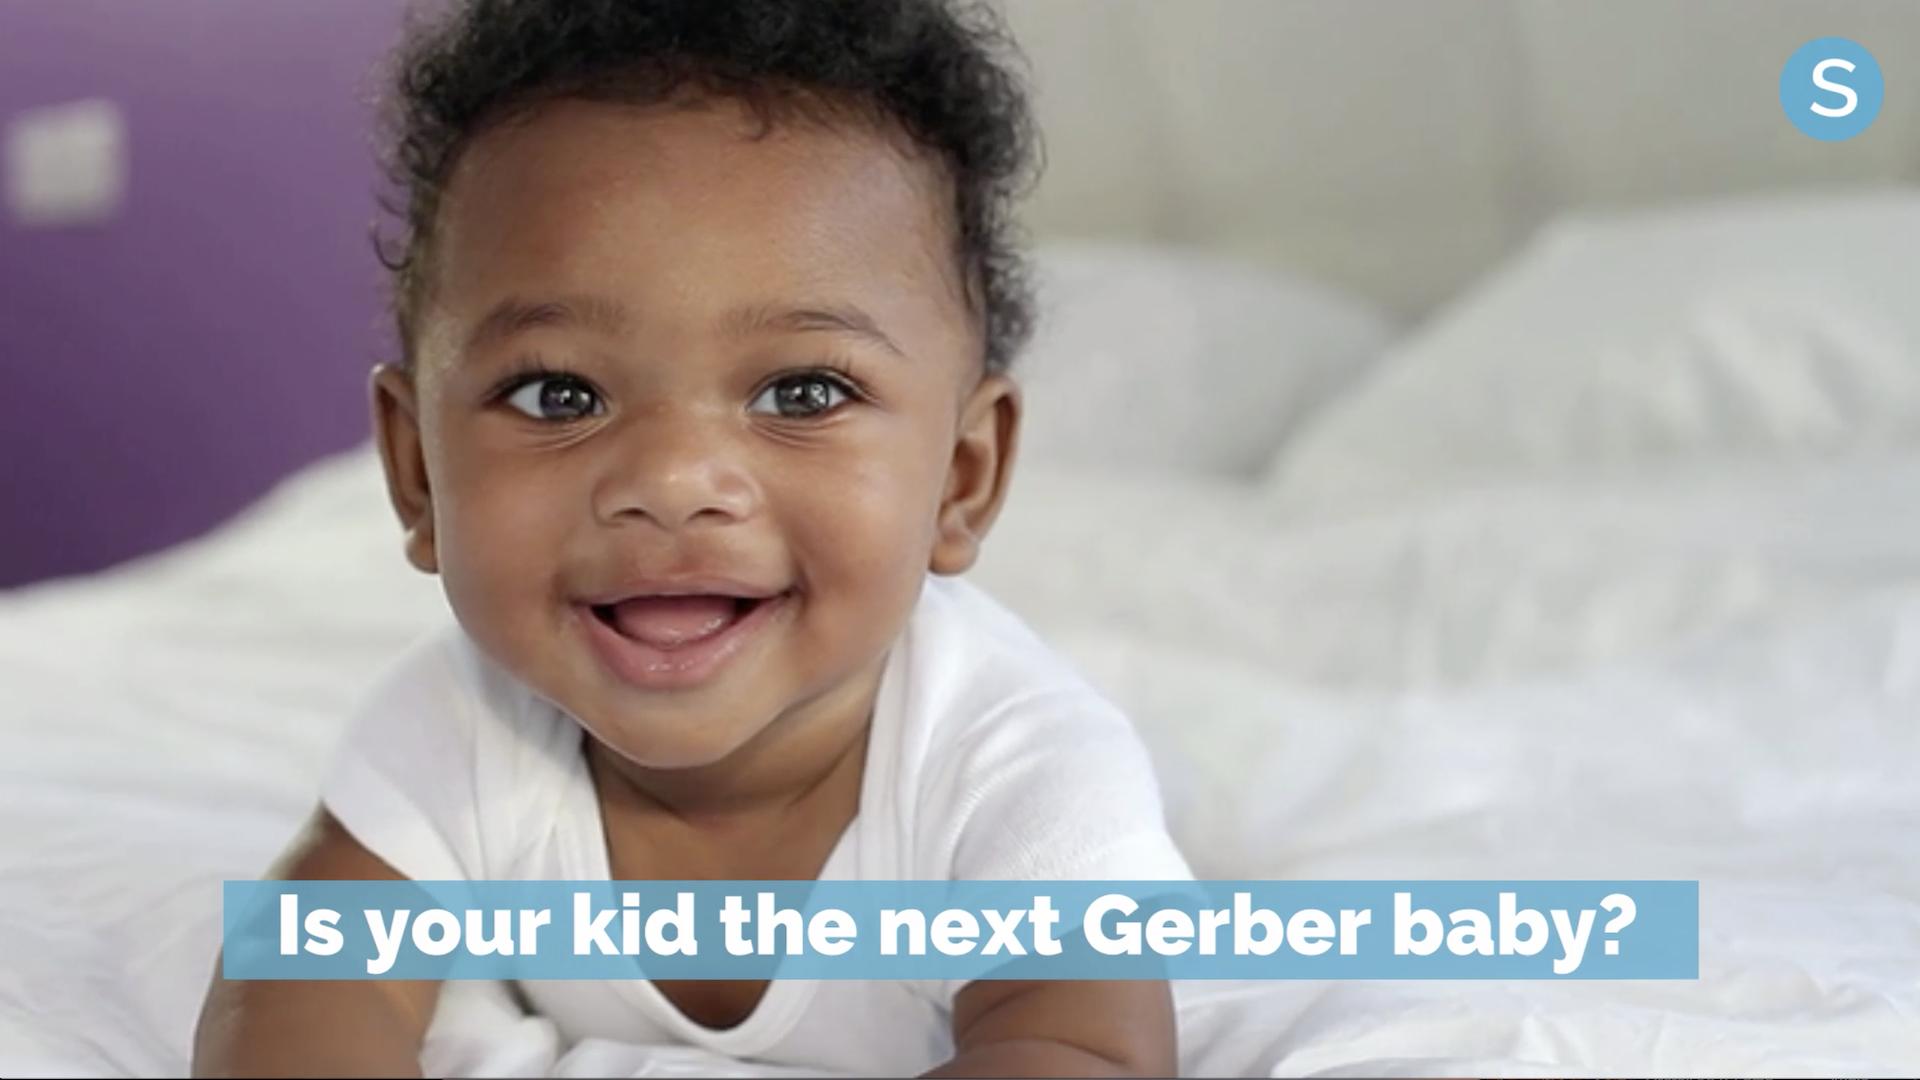 Gerber Seeks New Gerber Baby - Simplemost